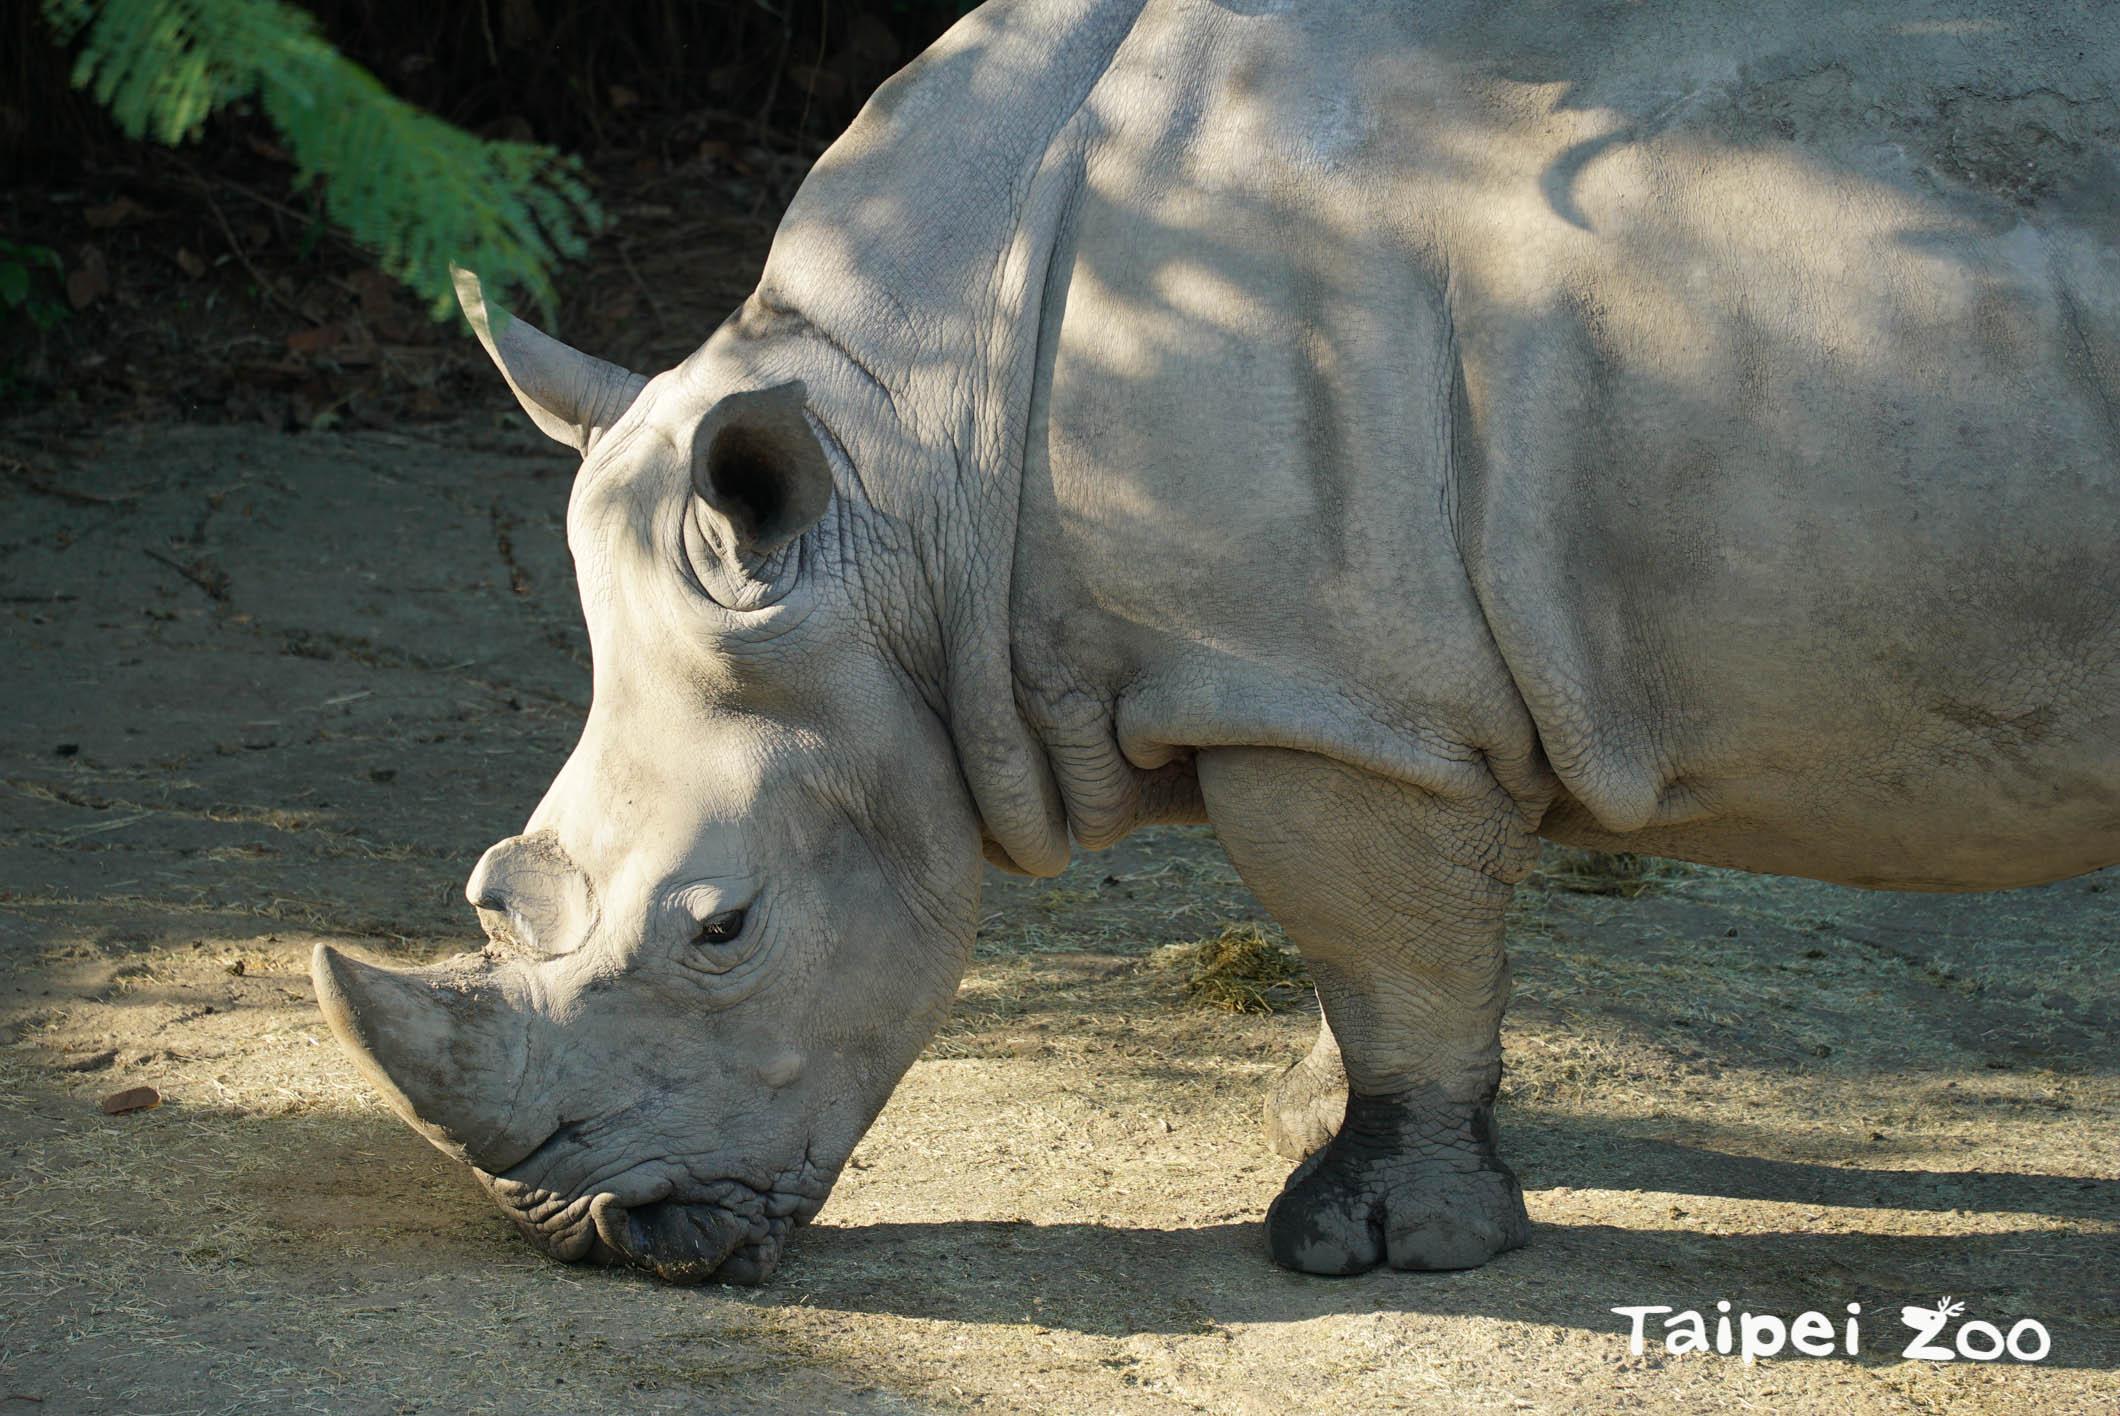 過去曾有30多種犀牛,目前只剩下5種犀牛,而非洲的白犀牛正是其中1種